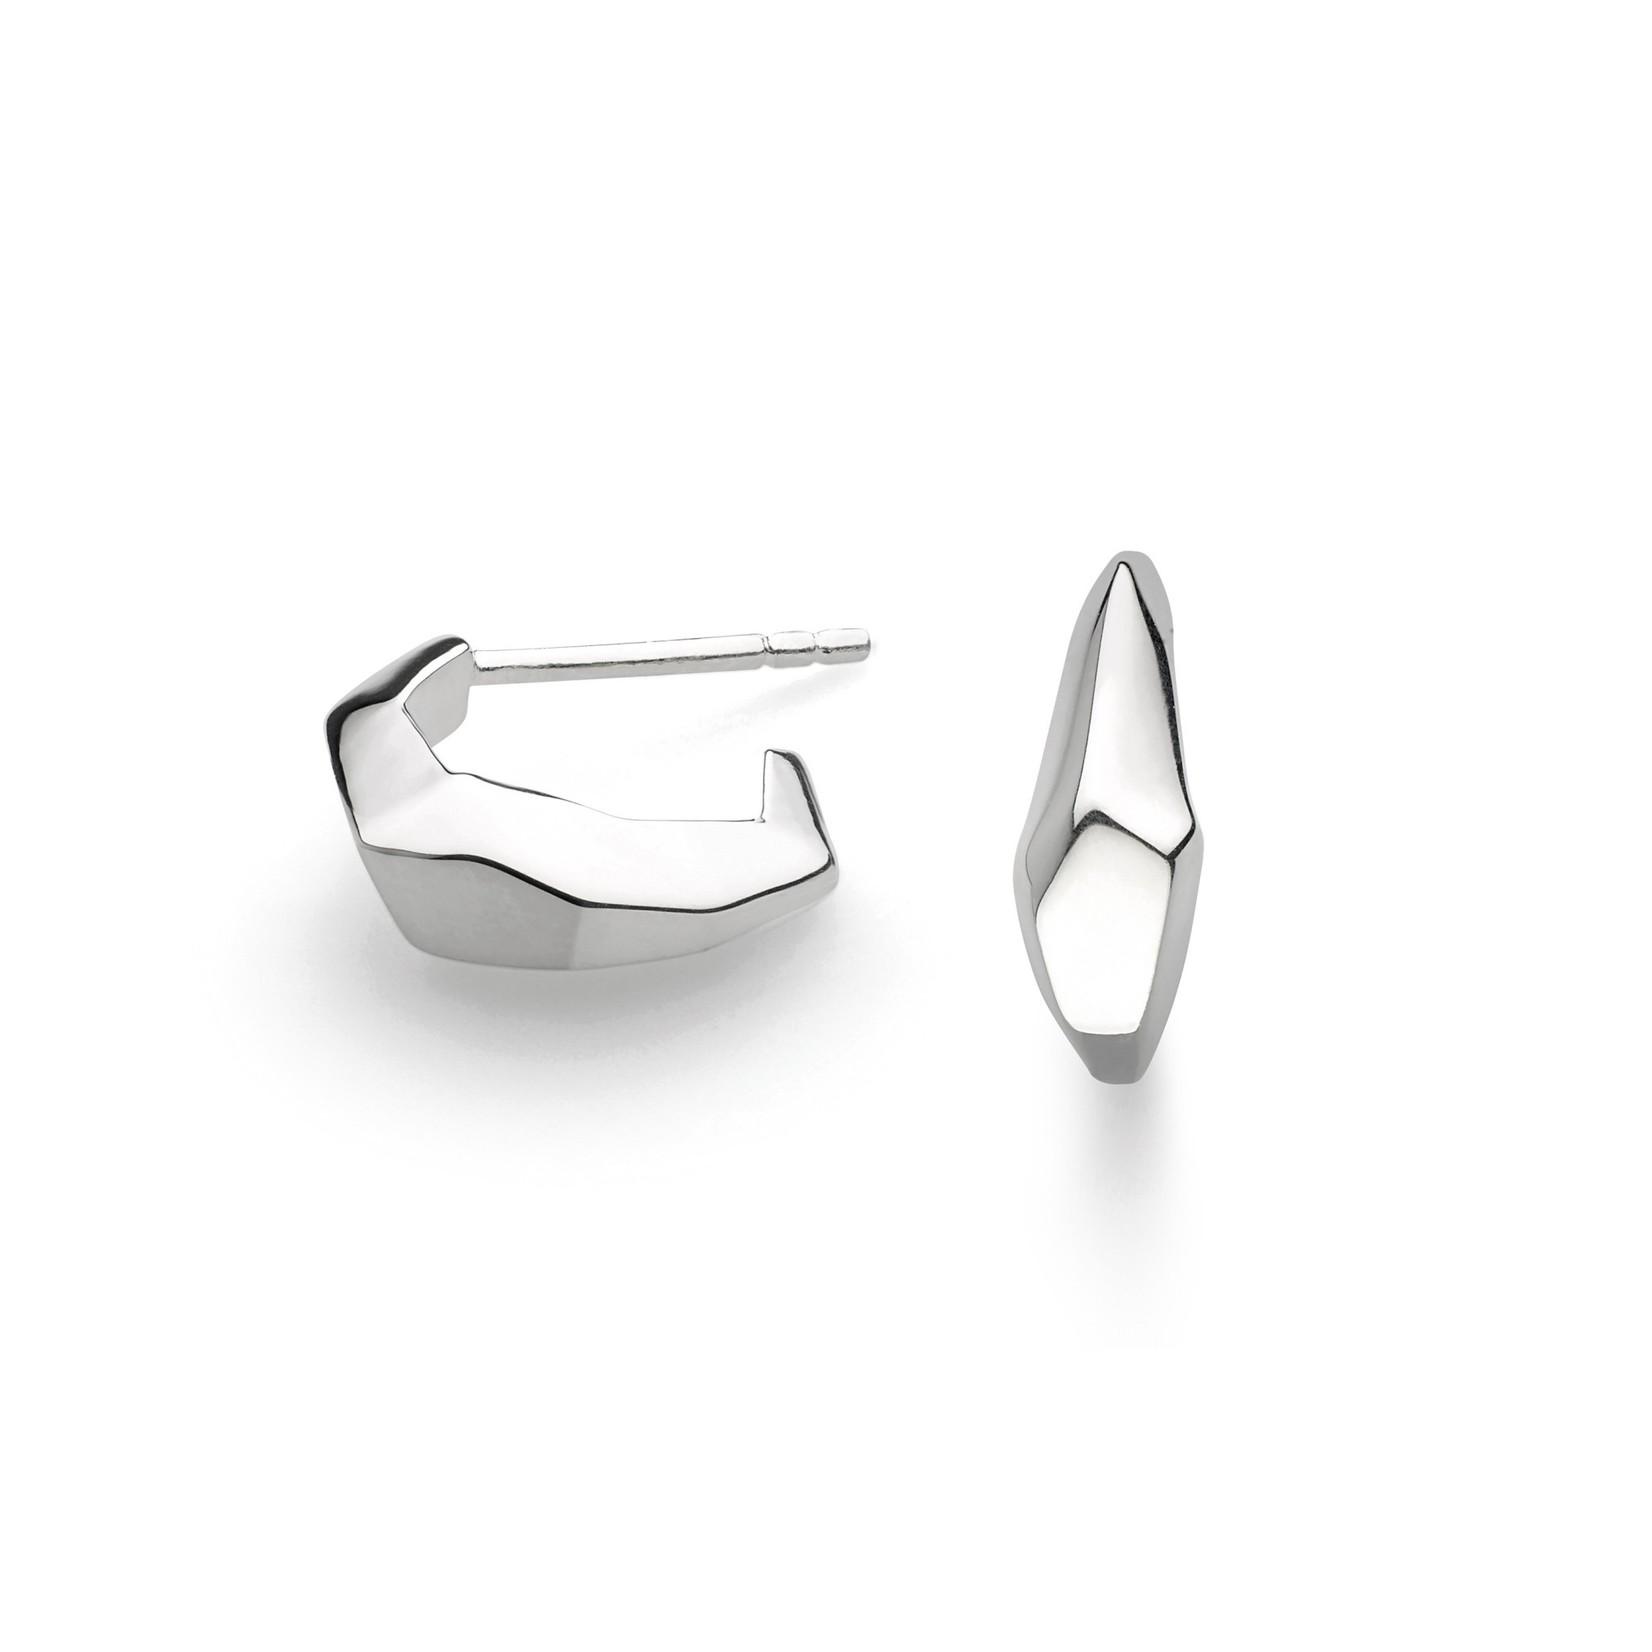 Coast Rokk Hoop Semi-Hoop Stud Earrings